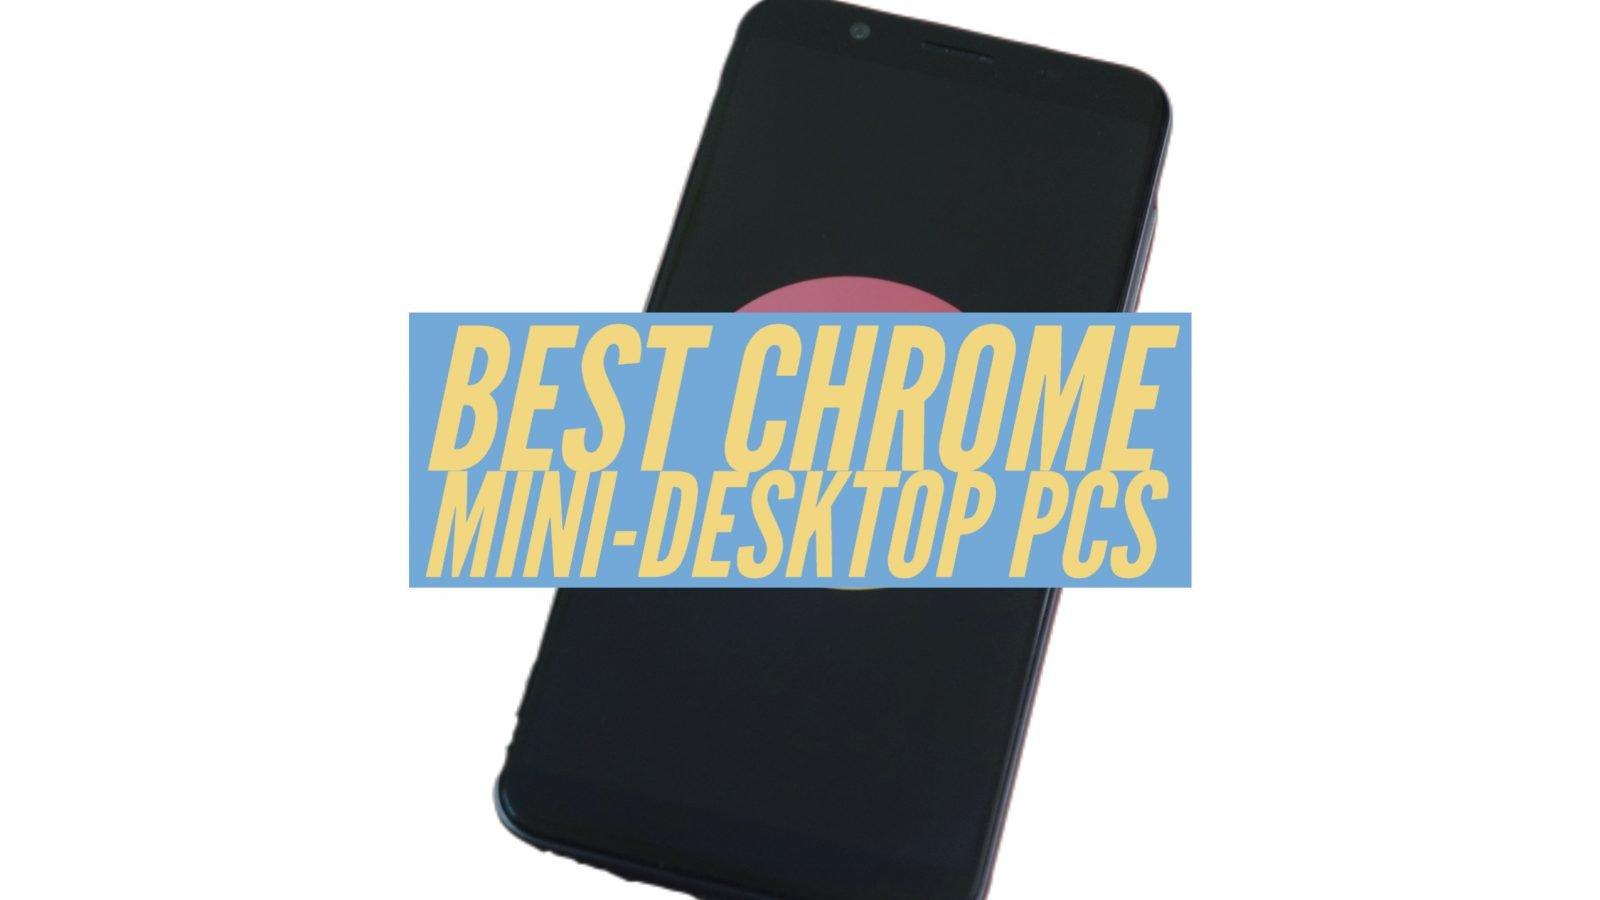 Best Chrome Mini-Desktop PCs